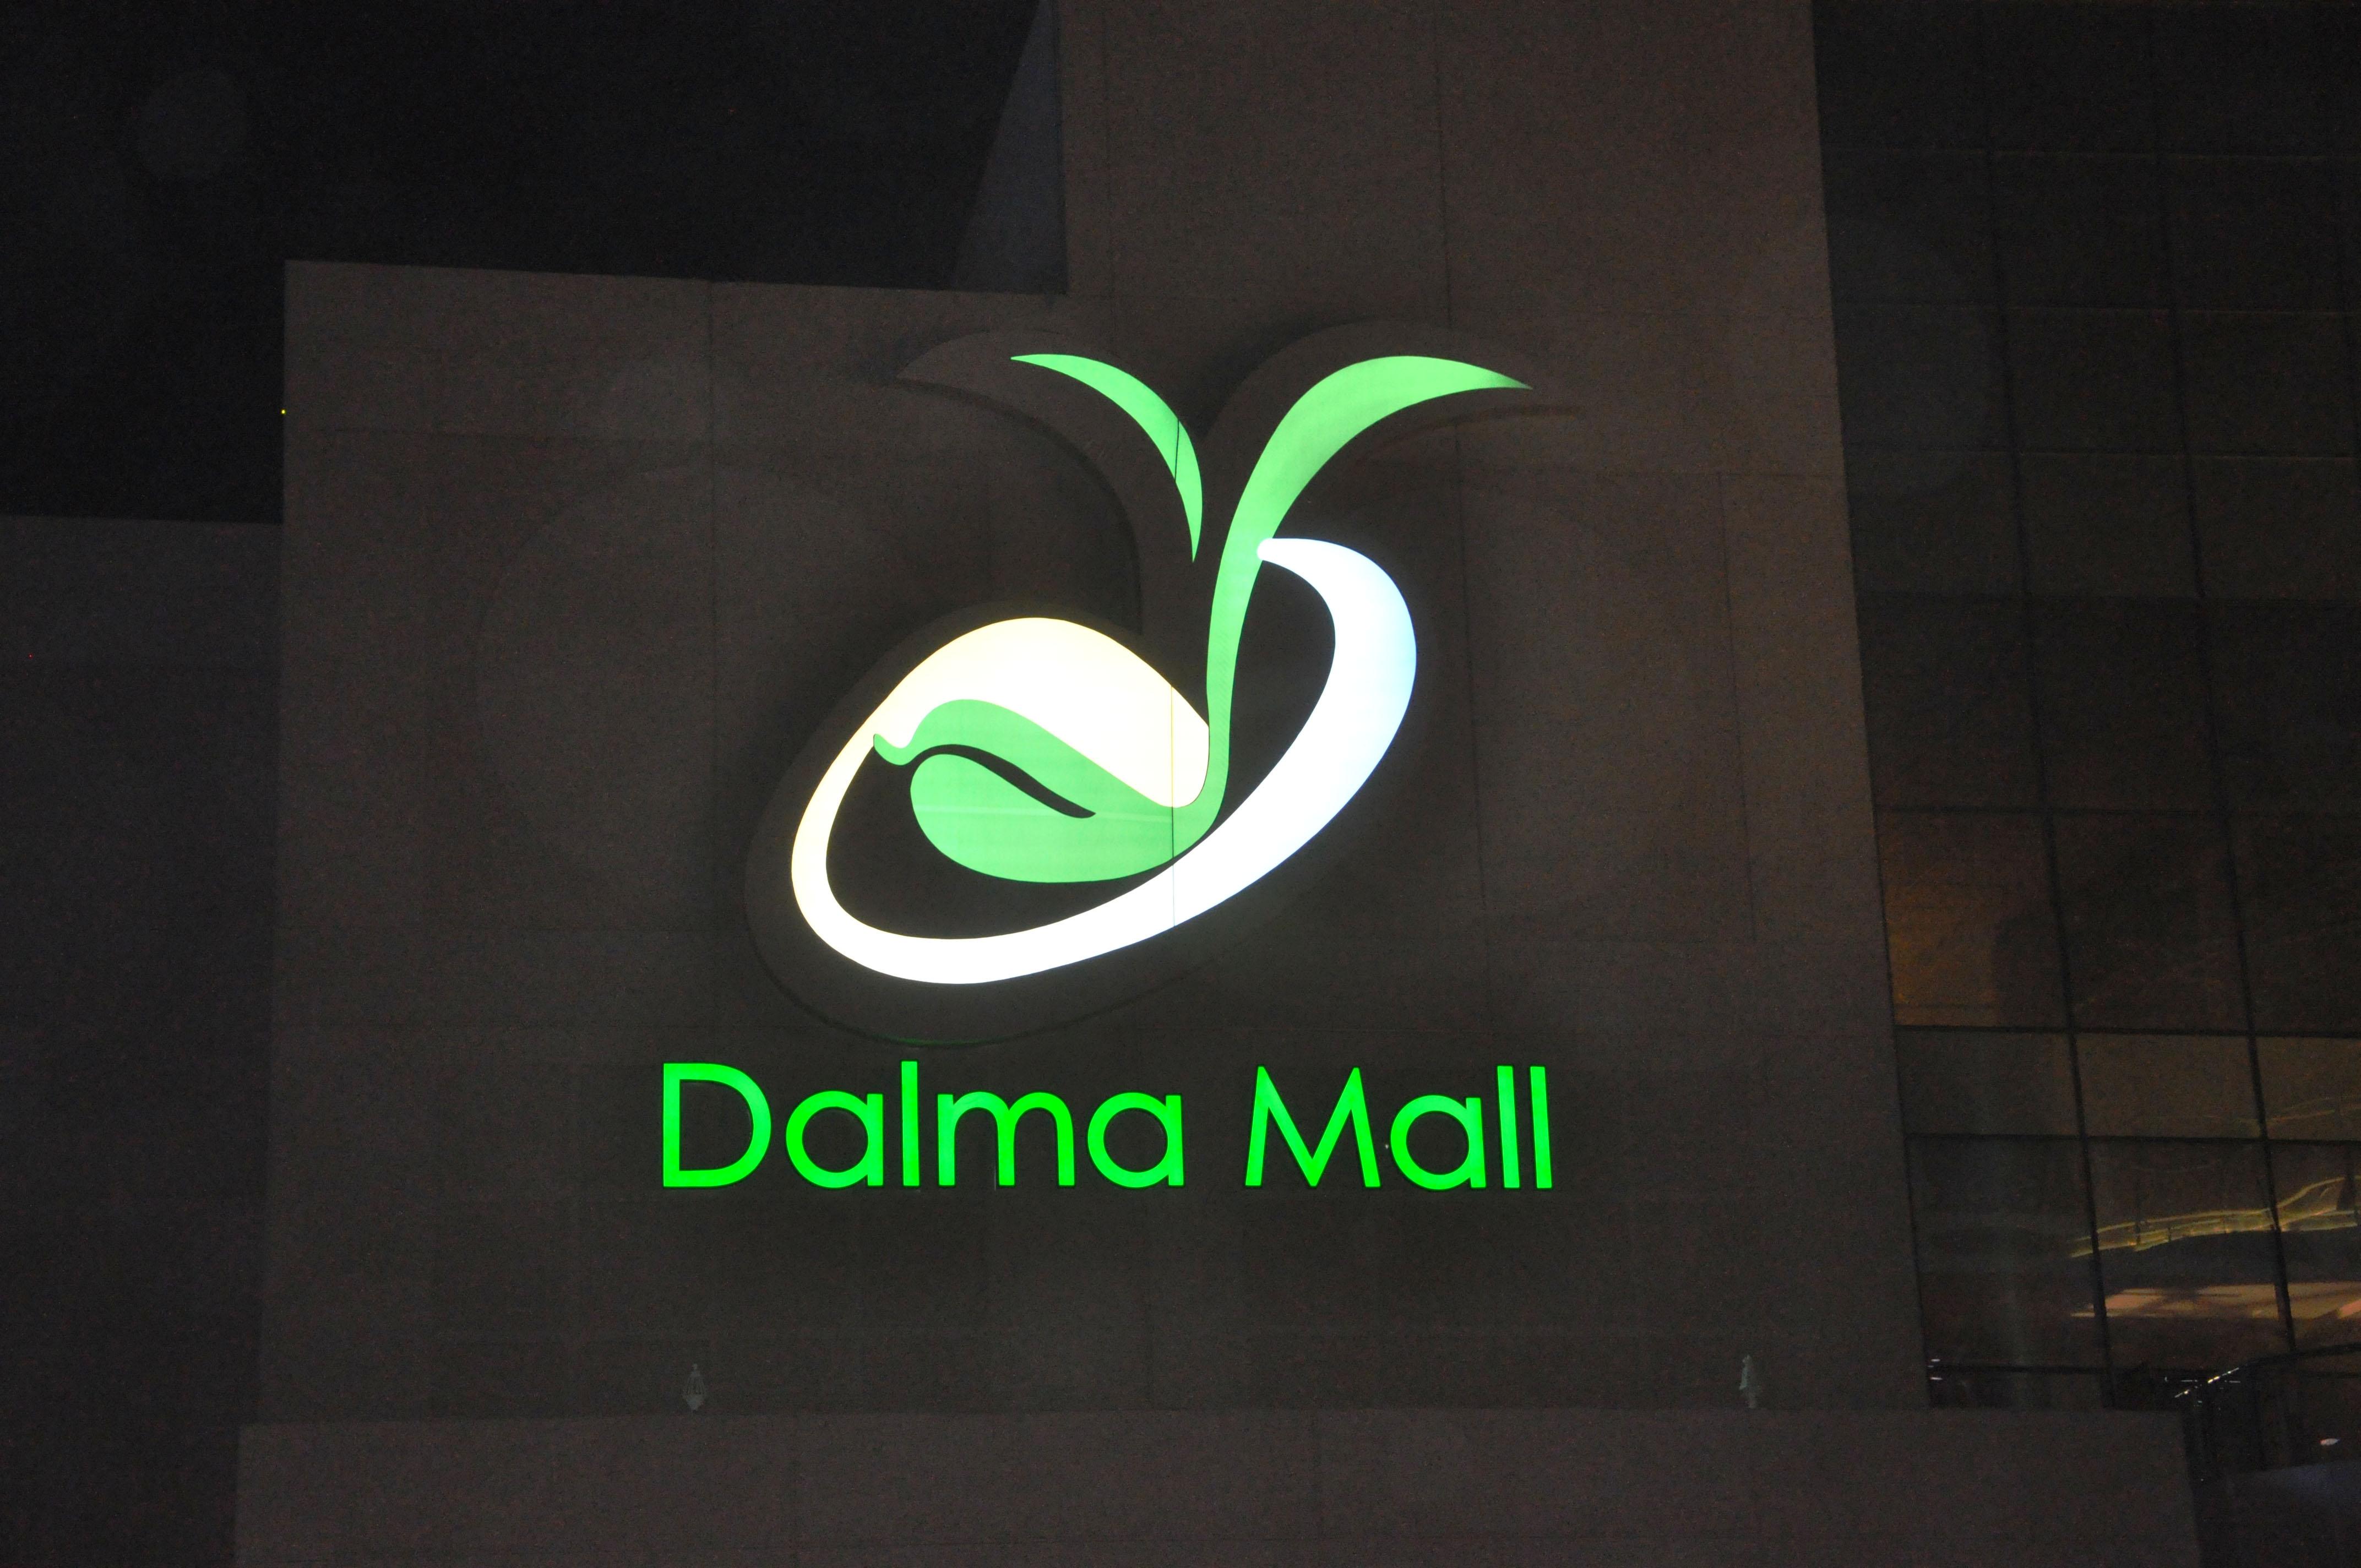 <h2>Dalma Mall</h2><br/>